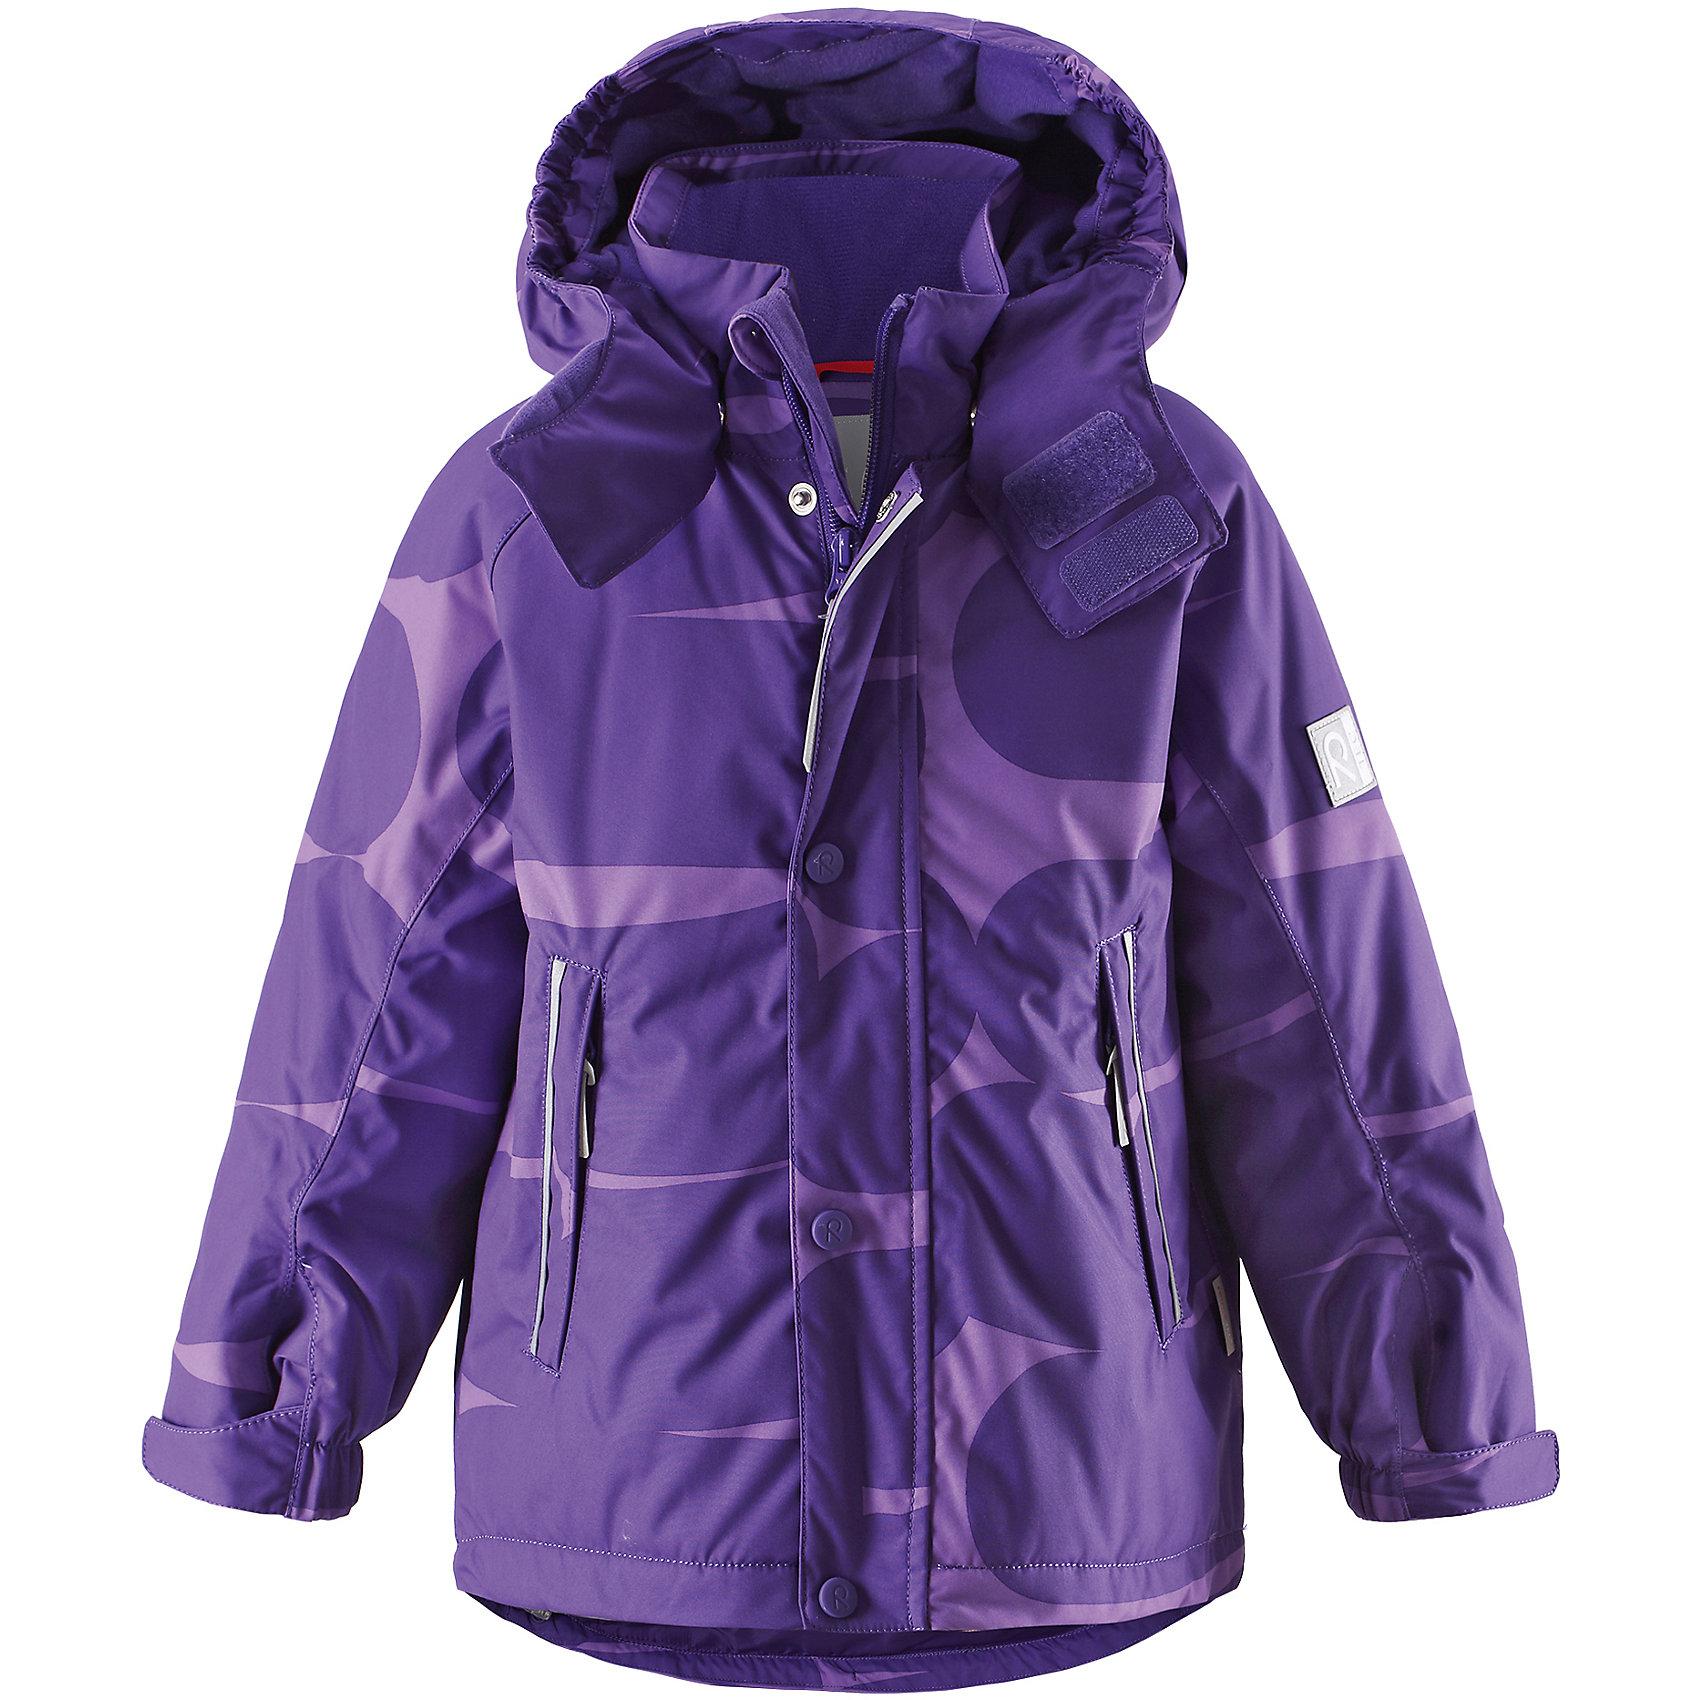 Куртка Reimatec для девочки ReimaОдежда<br>Наполненная зимней радостью: стильная, полностью водонепроницаемая зимняя куртка обязательно привлечет внимание! Модных принт самых ярких цветов сезона поднимет настроение во время зимней прогулки. Все швы этой водо- и ветронепроницаемой куртки проклеены, так что зимние приключения могут продолжаться столько, сколько захотите, при этом Вы не замерзнете. Кроме того, дышащий материал не даст Вам вспотеть во время активных игр. Для хорошей посадки, прямой покрой куртки можно отрегулировать на подоле, также это уместно, если куртка была куплена на вырост. Съемный регулируемый капюшон обеспечивает безопасность при активном времяпрепровождении на открытом воздухе, так как легко снимается. Манжеты регулируются с помощью липучки для лучшего сочетания с теплыми варежками или перчатками. Гладкая подкладка из полиэстера позволяет легко надевать куртку, также к ней можно пристегивать промежуточный слой. Обратите внимание, что куртка оснащена специальными кнопками Play Layers®, что позволяет пристегивать к ней промежуточный слой Reima® для дополнительного тепла и комфорта. С наступлением темноты светоотражающие детали позволят не потерять из видимости маленького авантюриста. Эта простая в уходе куртка - незаменима вещь этой зимой!<br><br>Дополнительная информация:<br><br>Температурный режим: до -20<br>Средняя степень утепления: 160 г<br>Водонепроницаемая зимняя куртка для детей постарше<br>Все швы проклеены, водонепроницаемы<br>Безопасный съемный капюшон<br>Два кармана на молнии<br>Подол регулируется<br>Безопасные светоотражающие детали<br><br>Куртку Reimatec (Рейматек) Reima (Рейма) можно купить в нашем магазине.<br><br>Ширина мм: 356<br>Глубина мм: 10<br>Высота мм: 245<br>Вес г: 519<br>Цвет: фиолетовый<br>Возраст от месяцев: 48<br>Возраст до месяцев: 60<br>Пол: Женский<br>Возраст: Детский<br>Размер: 110,104,92,122,134,128,140,116<br>SKU: 4412962